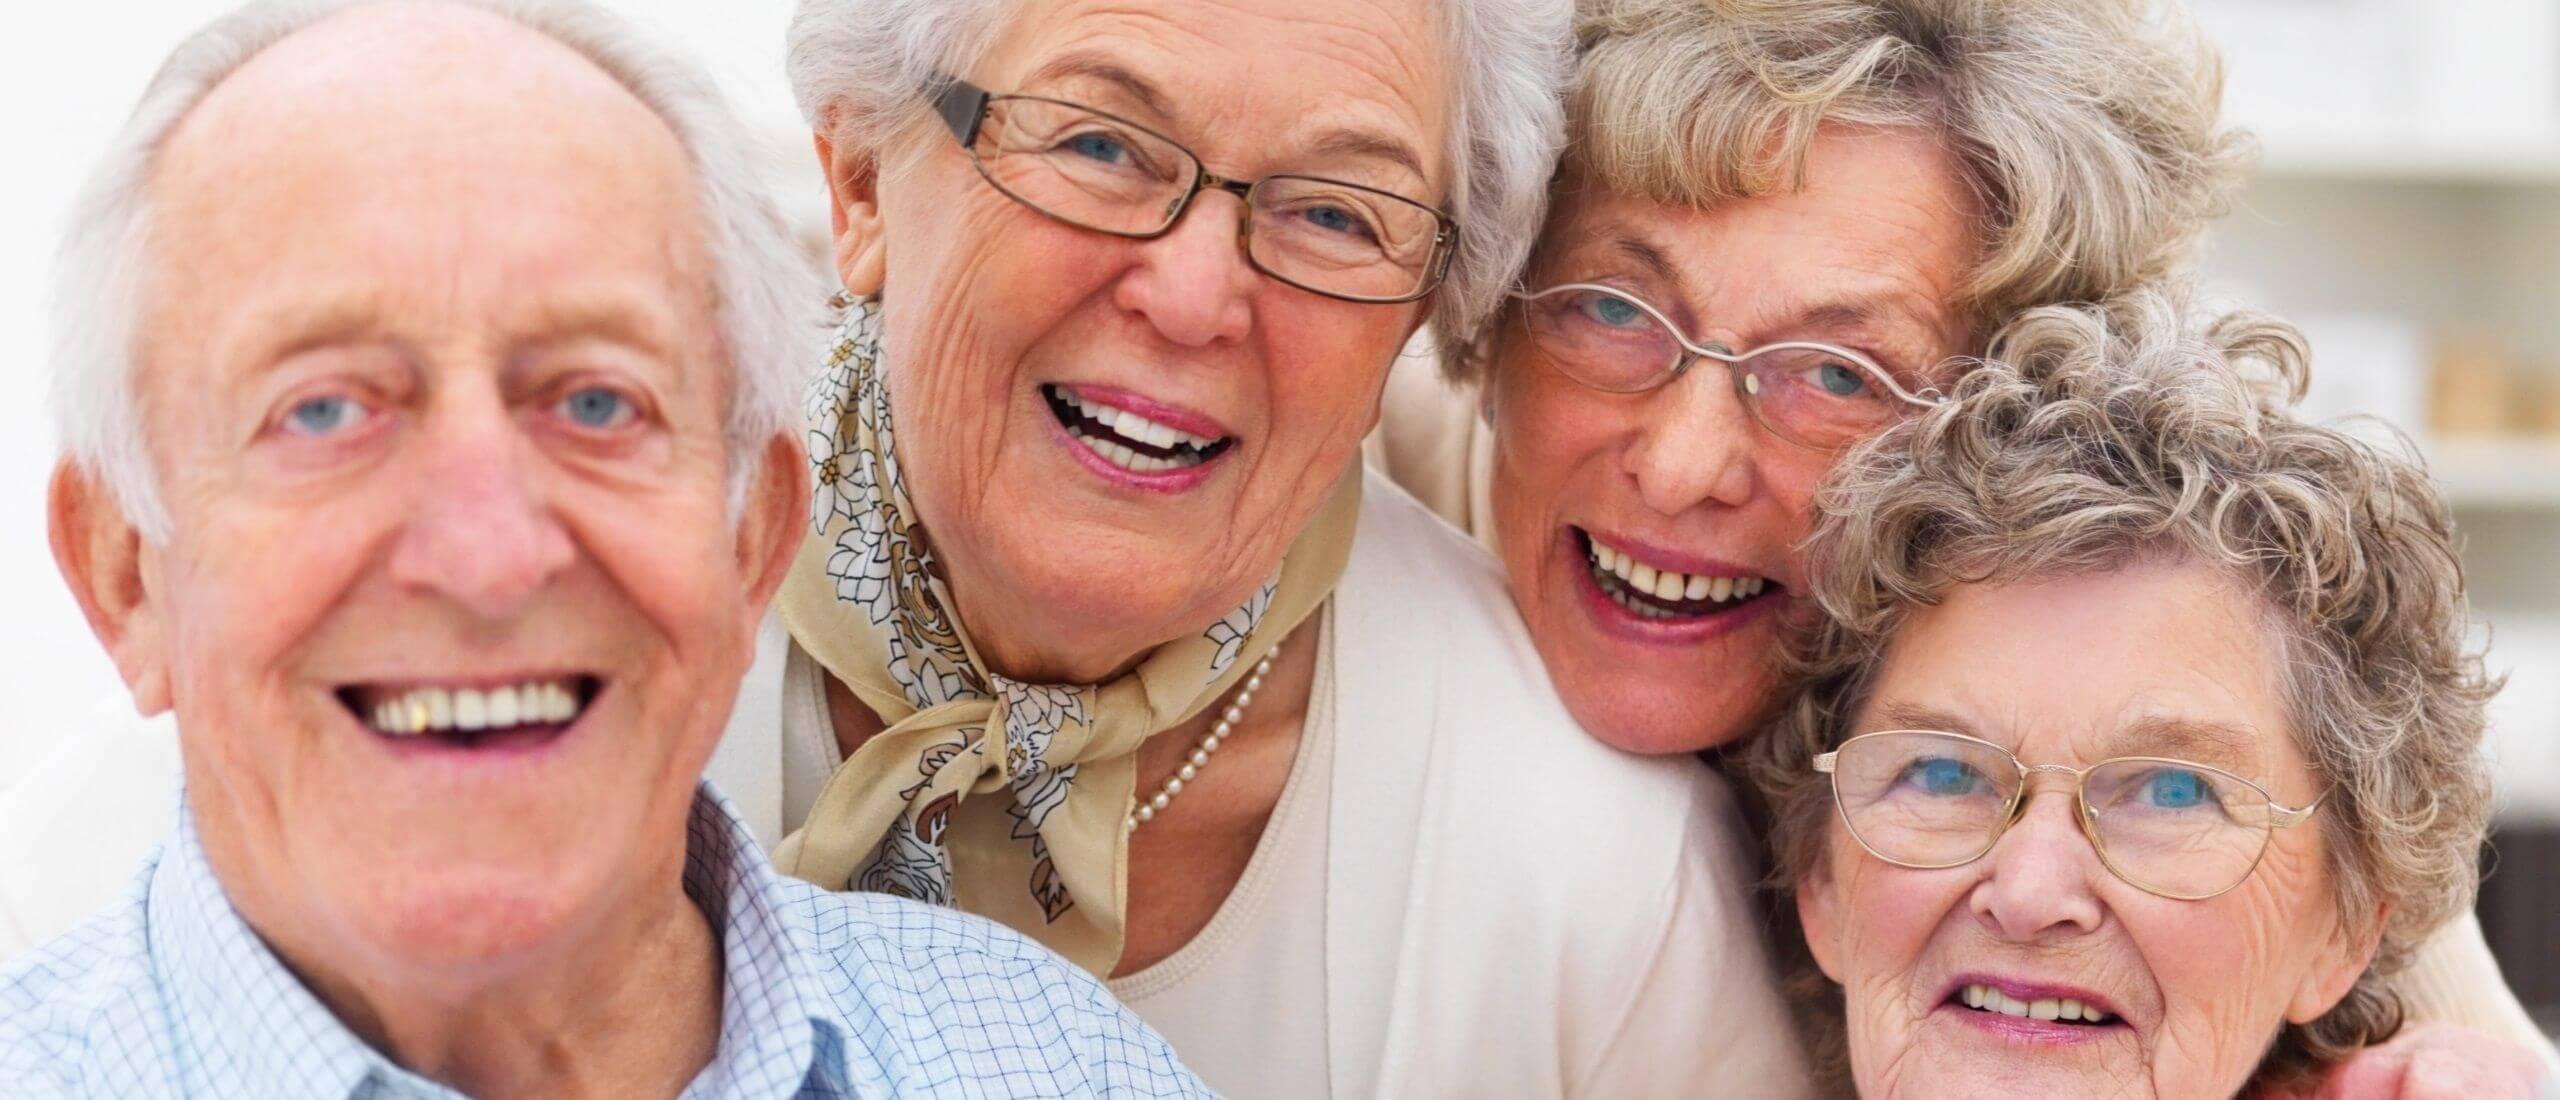 Großaufnahme einer Gruppe von vier Seniorinnen und Senioren, lächelnd